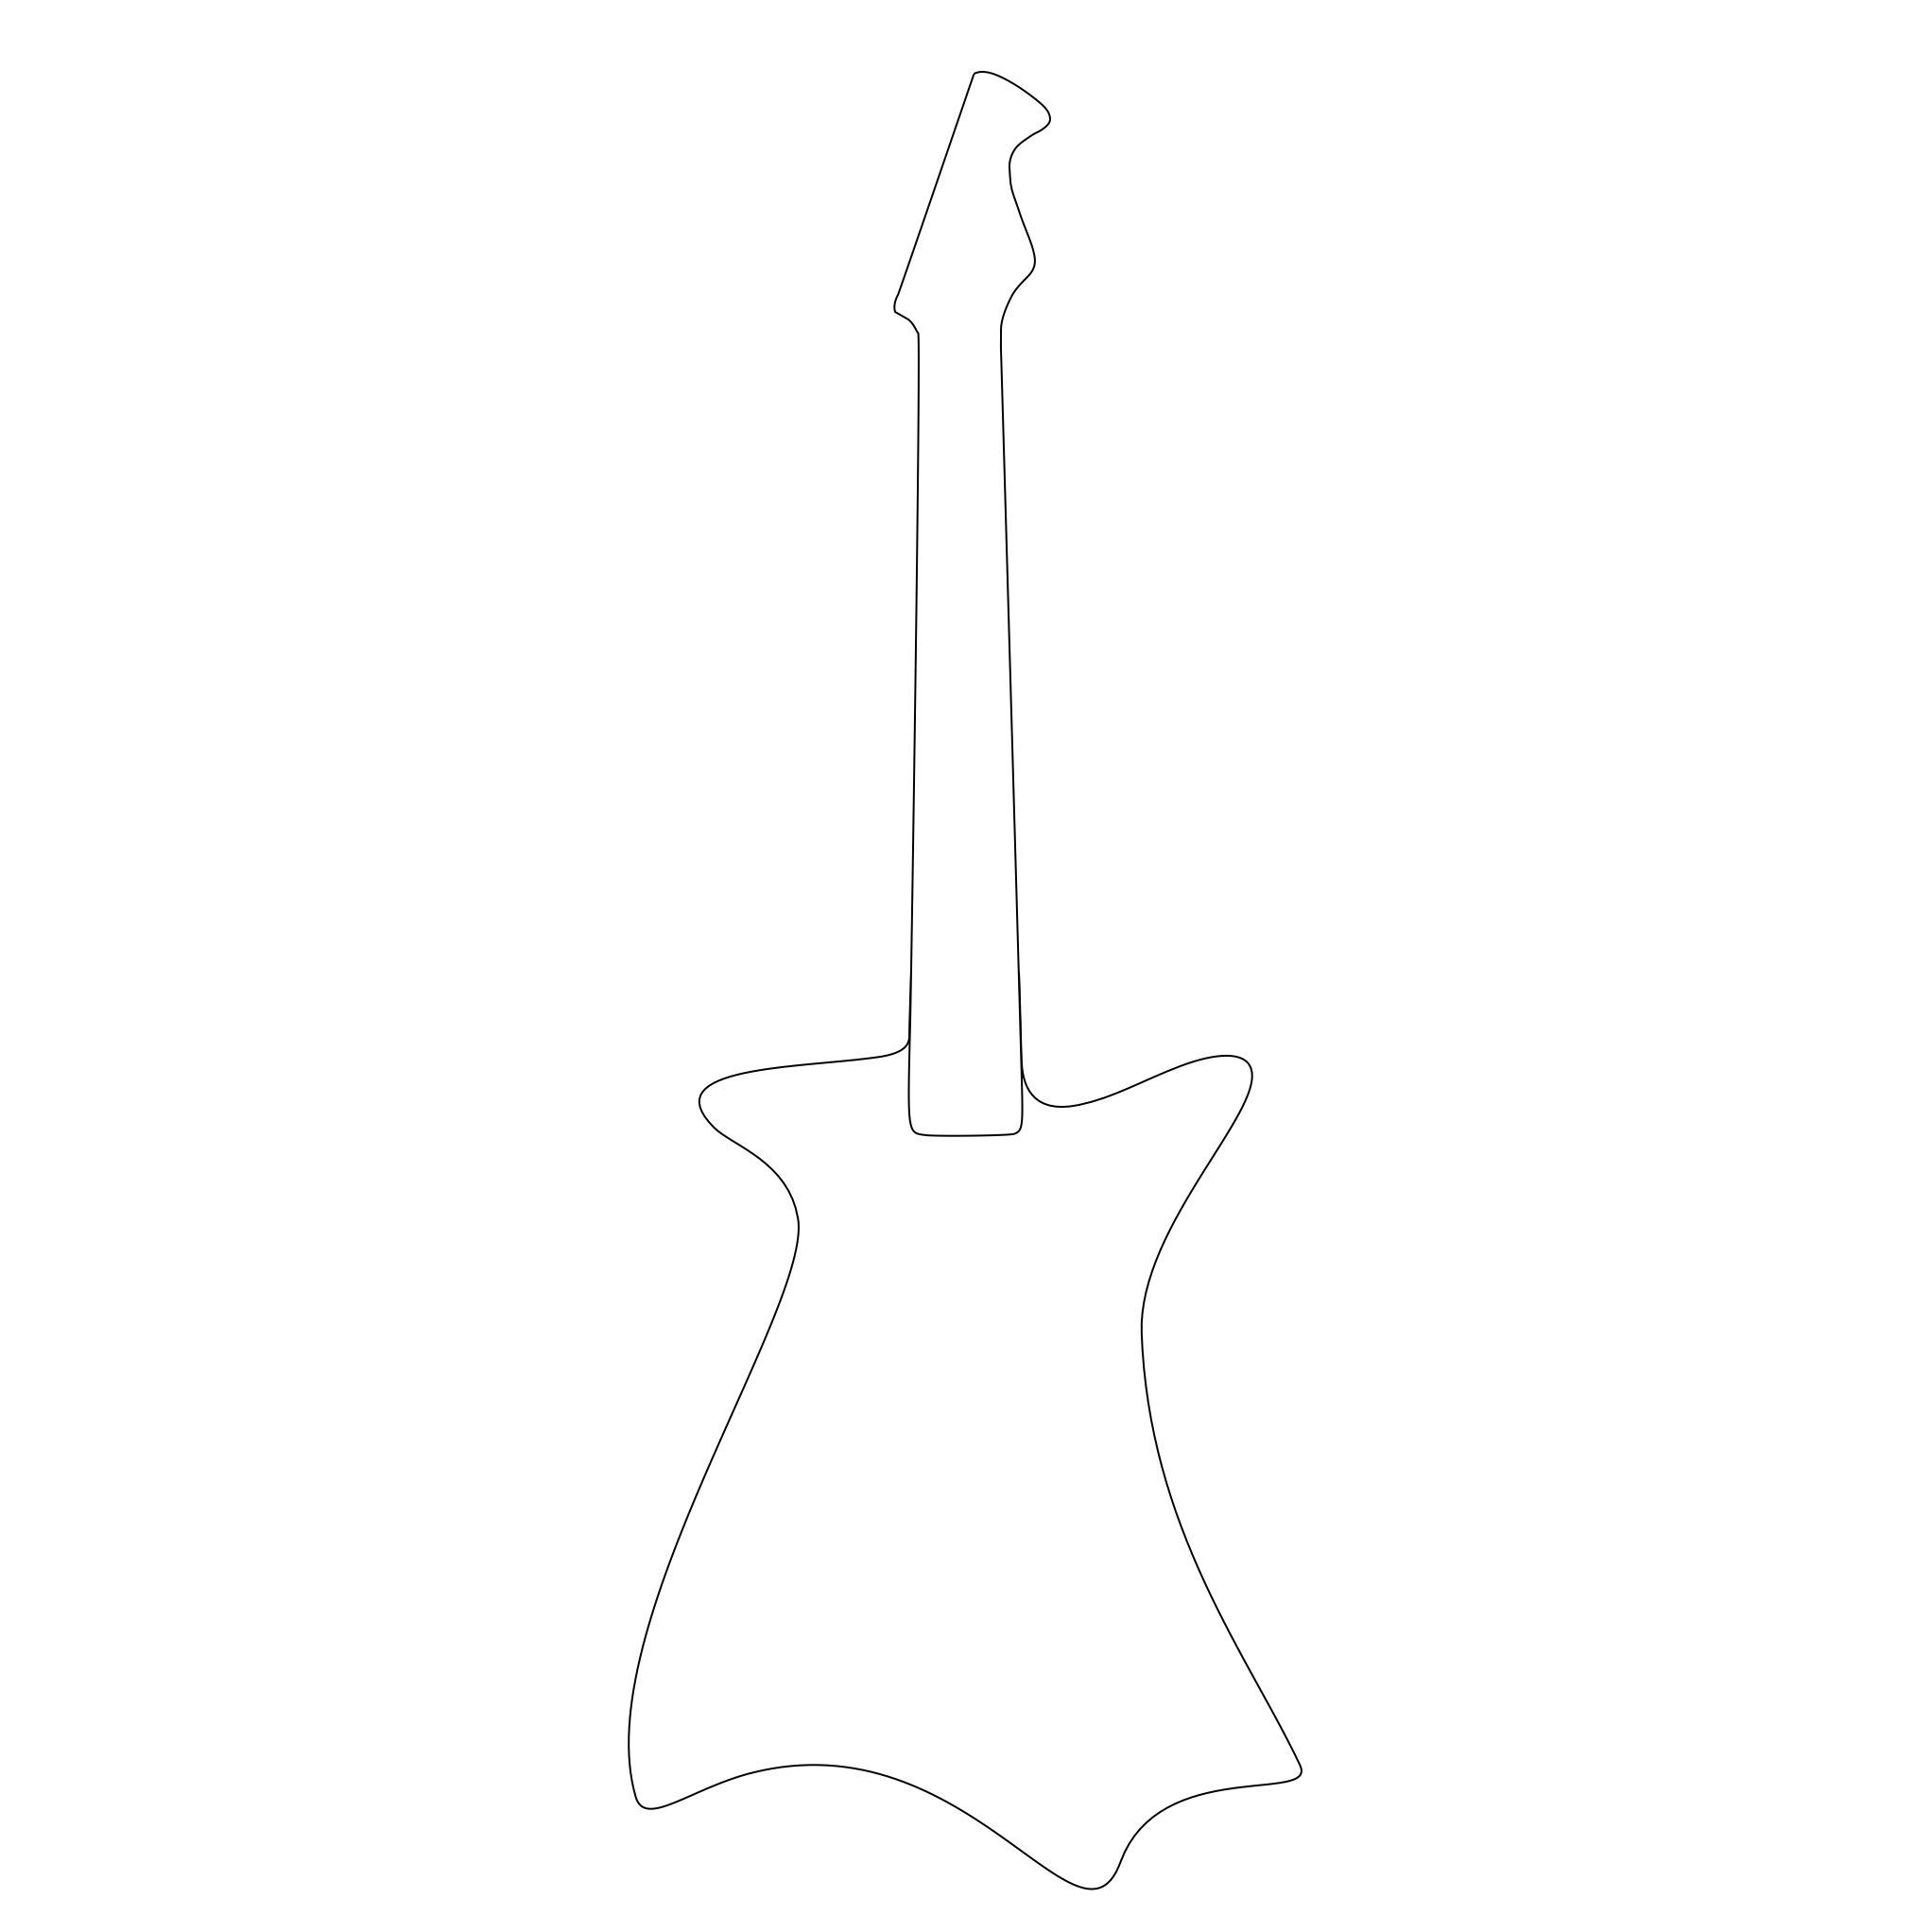 Rascal Guitar - Wraith with Neck